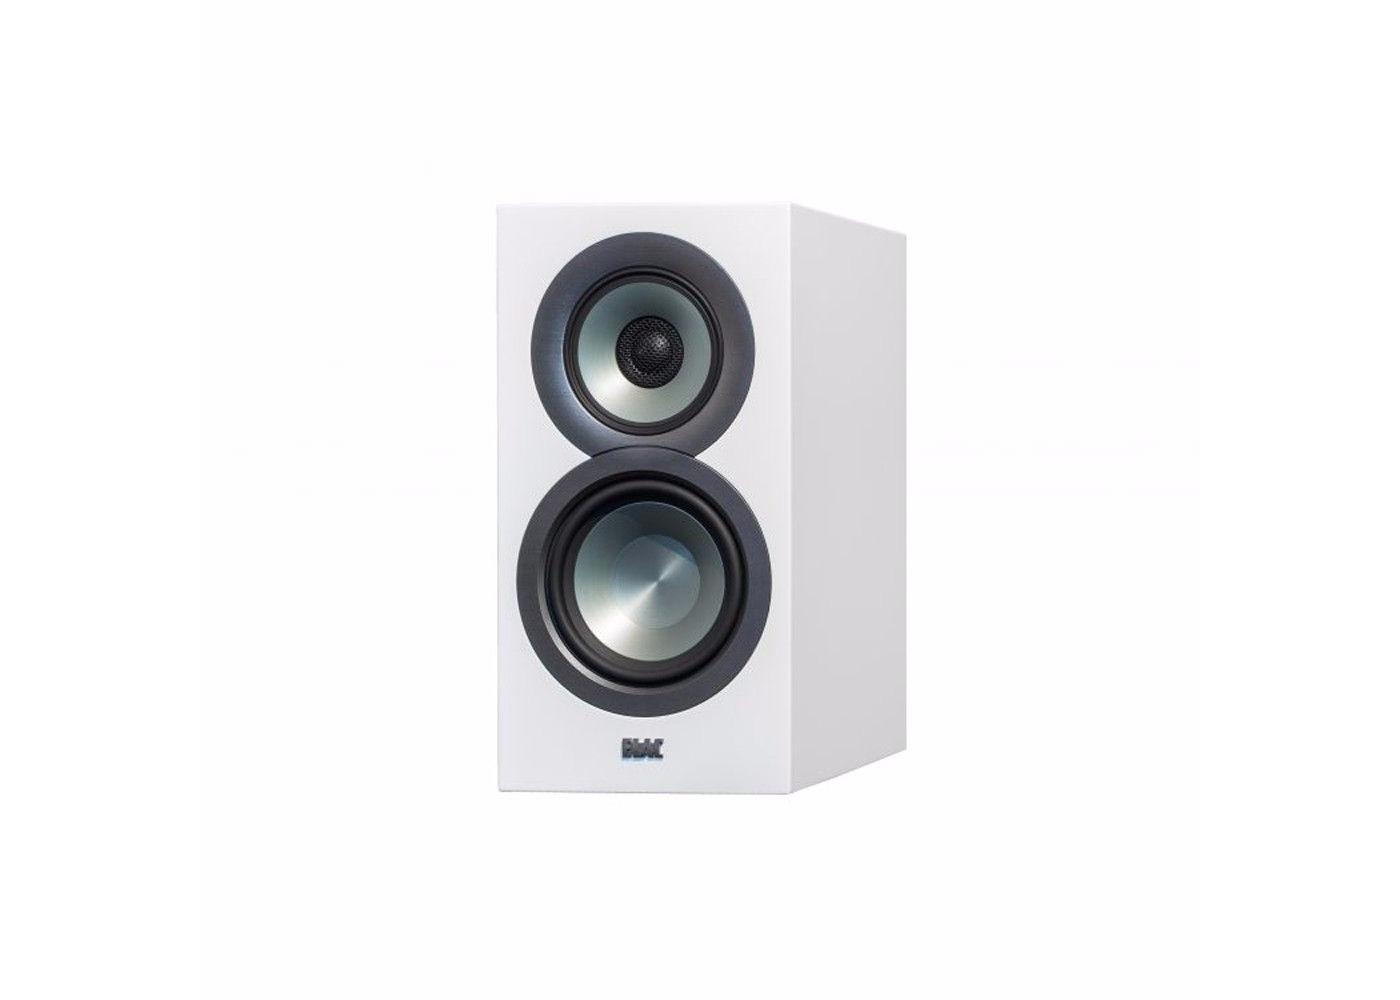 Elac UNI FI Slim BS U5 525 Inch Bookshelf Speakers